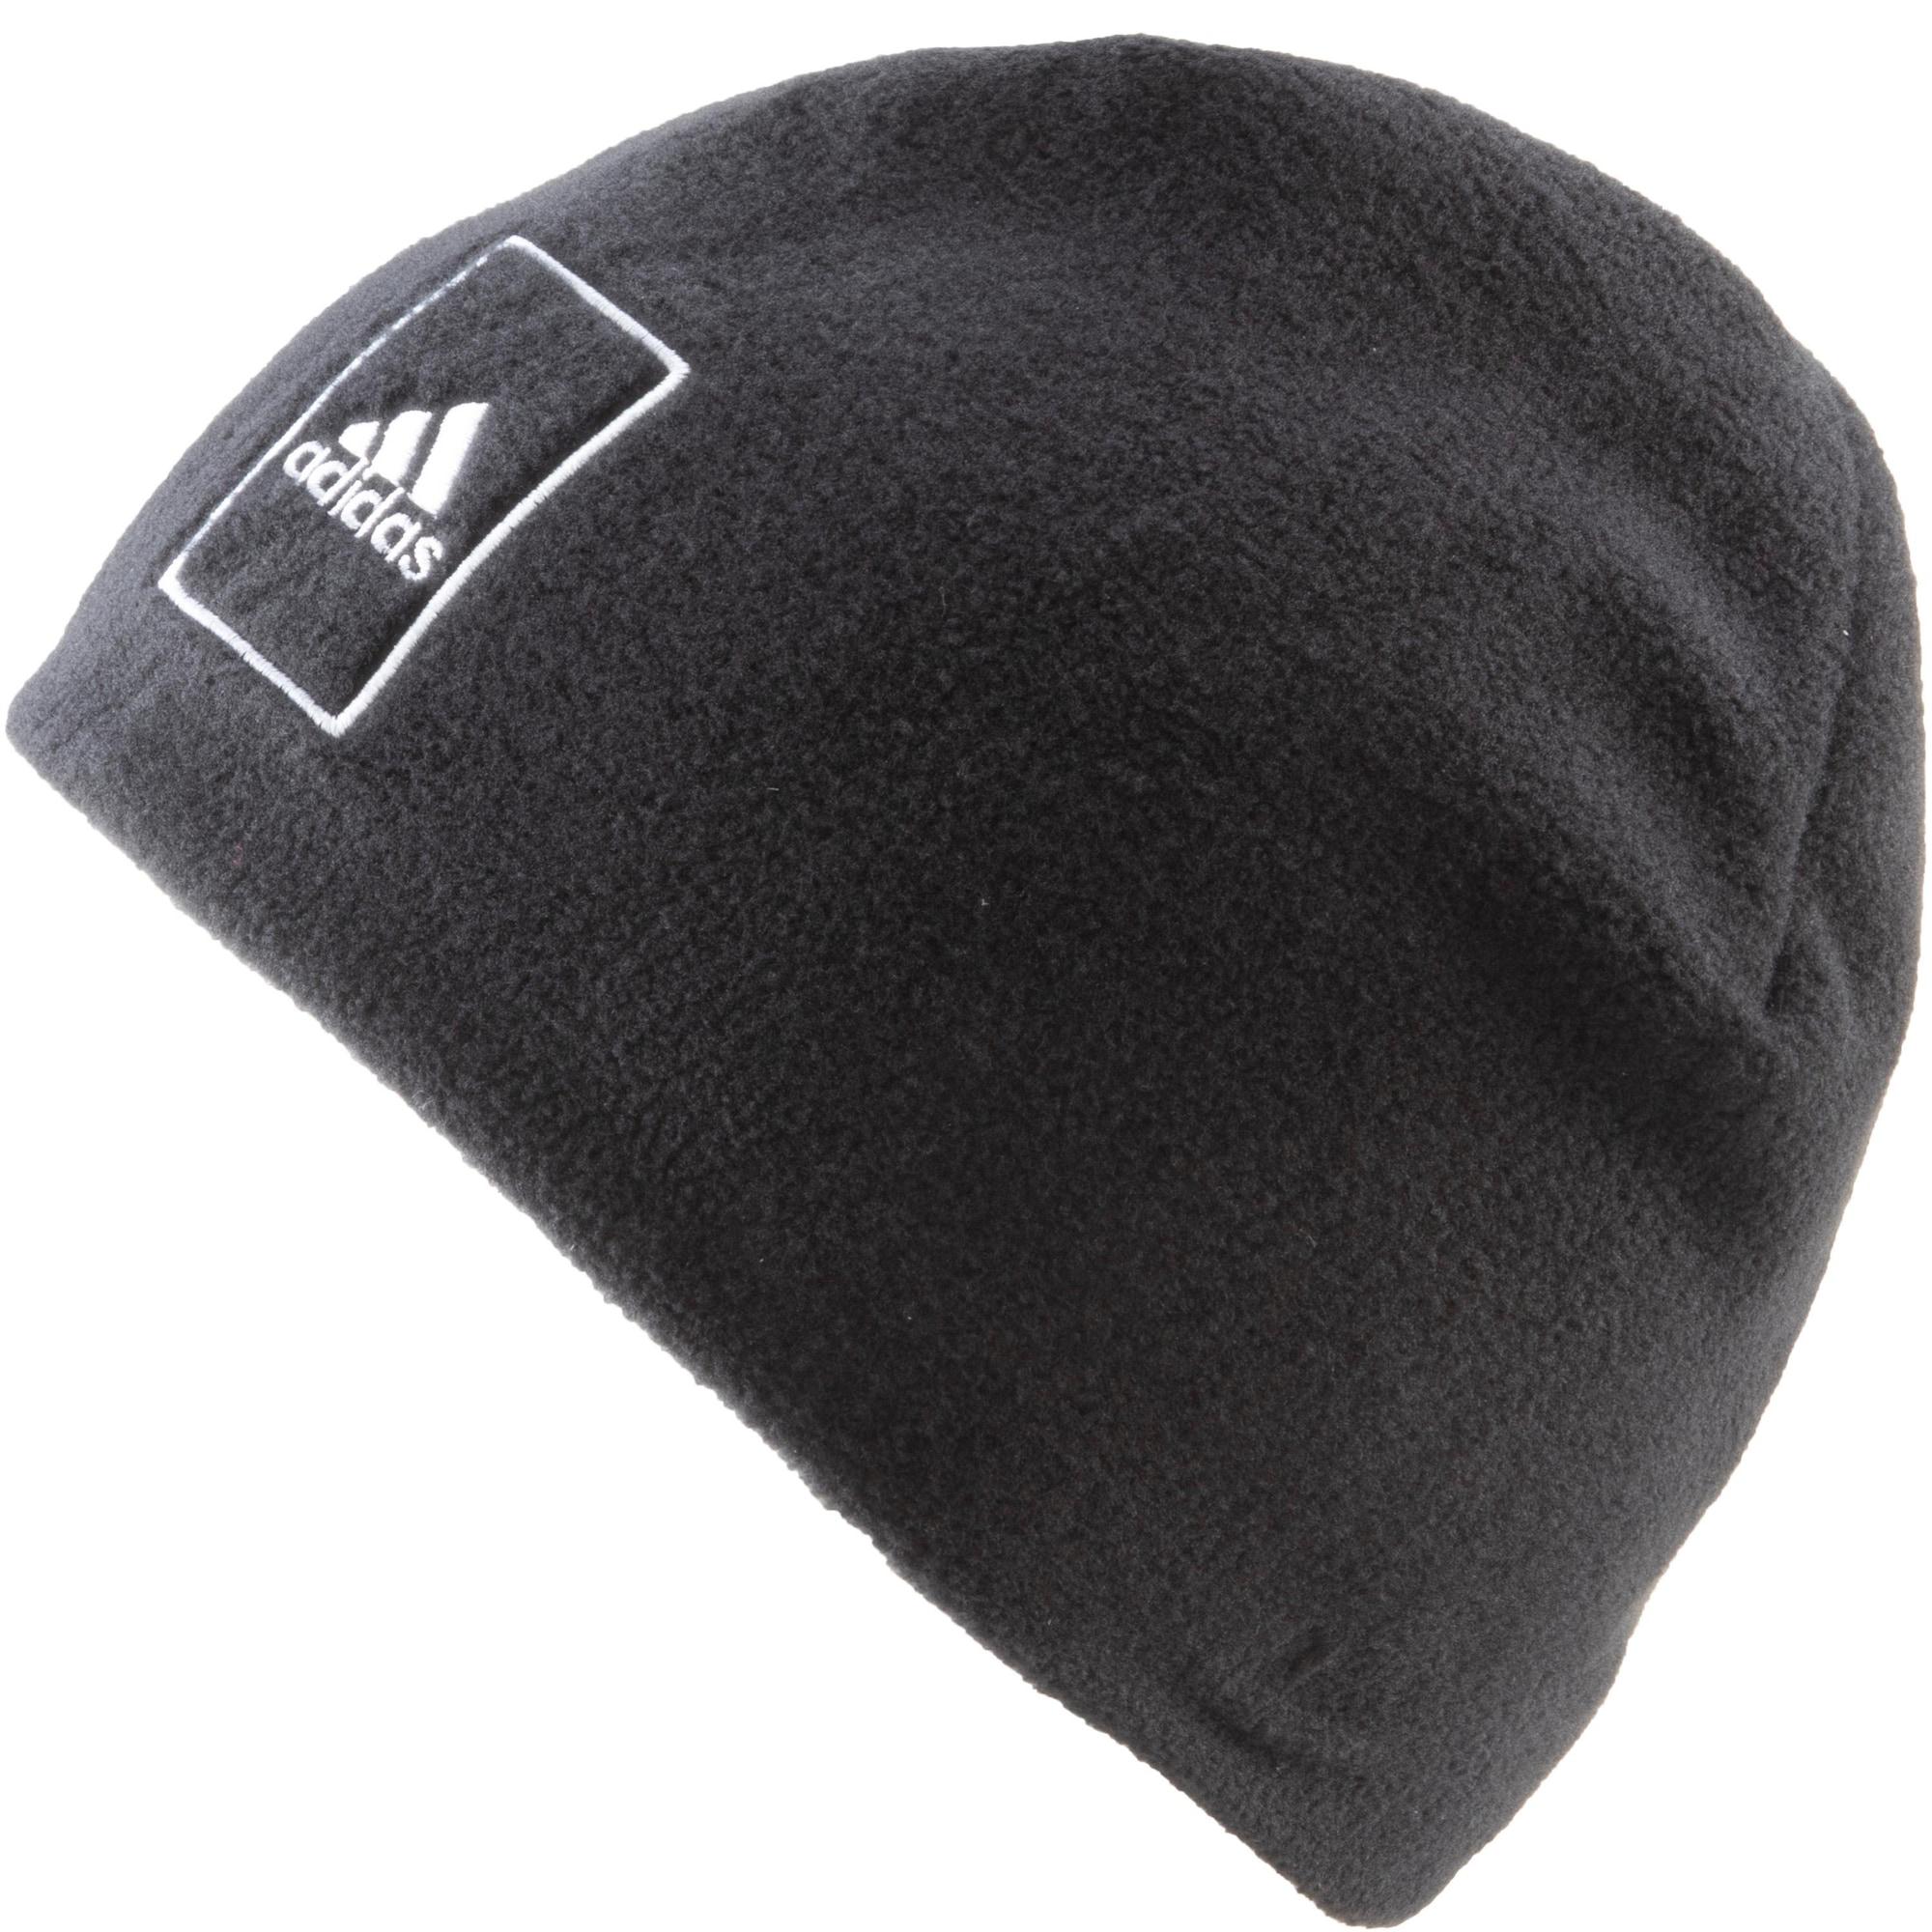 ADIDAS PERFORMANCE Sportinė kepurė 'ESSENTIALS' juoda / balta